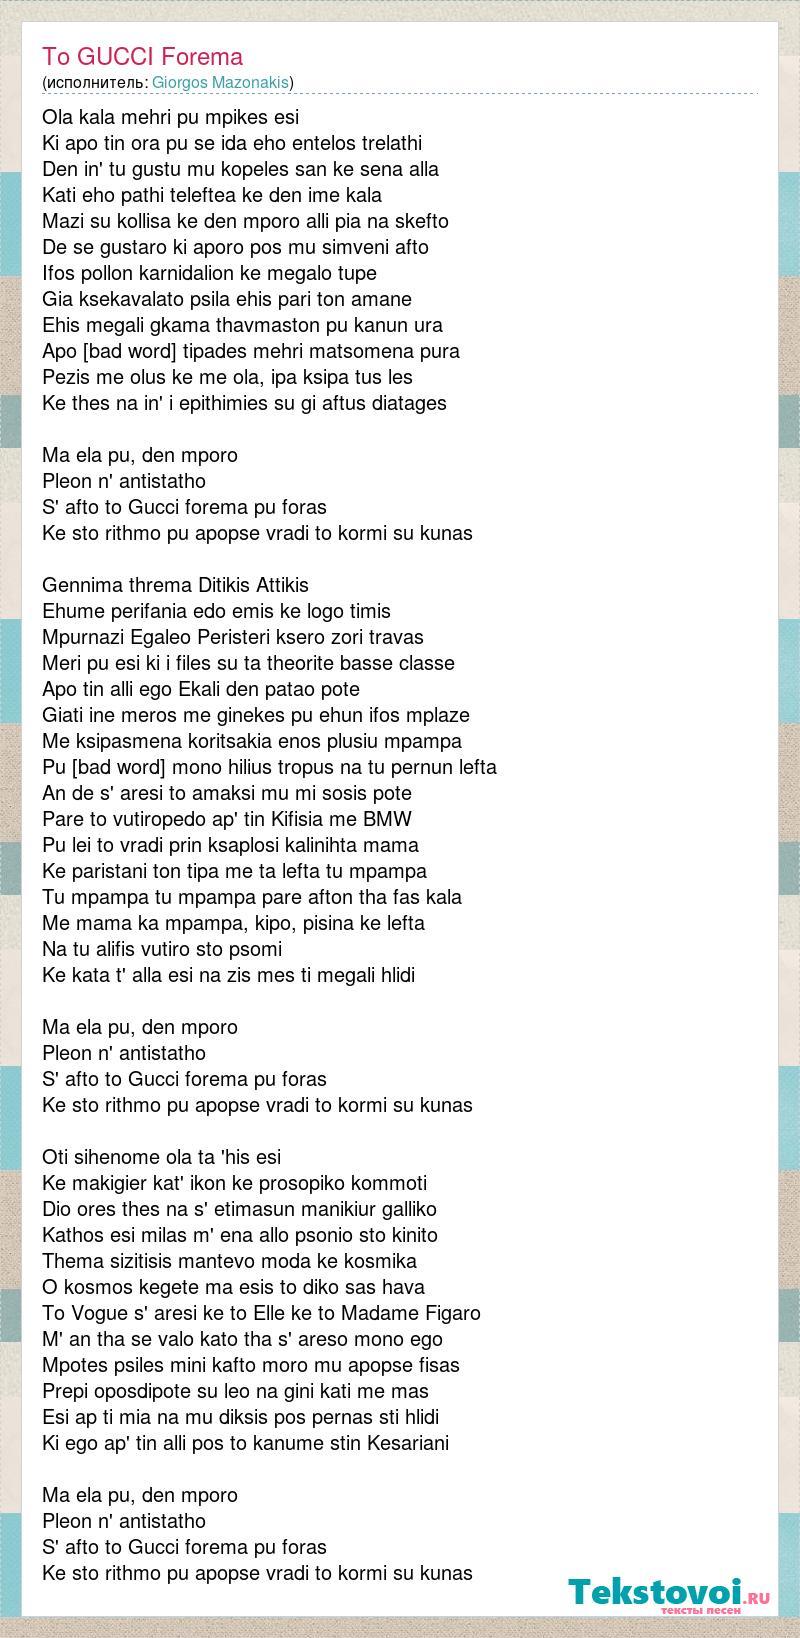 Giorgos Mazonakis  To GUCCI Forema слова песни 65f5c1b775e